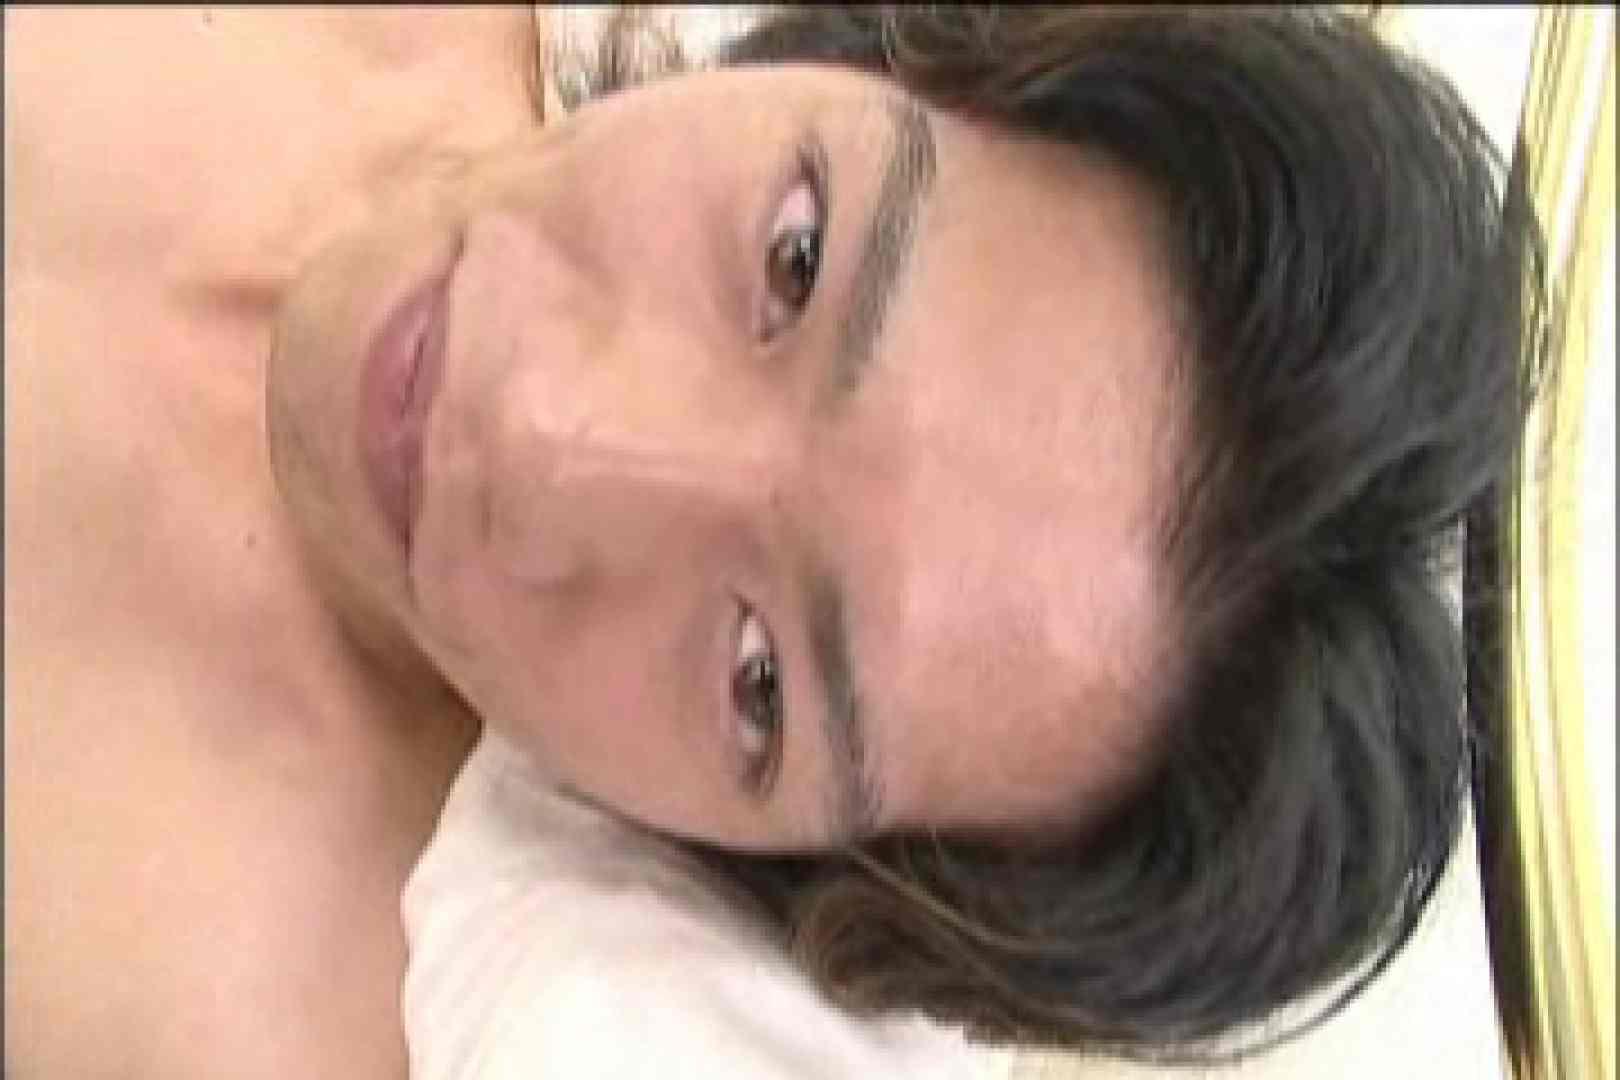 イケメン☆パラダイス〜男ざかりの君たちへ〜vol.40 アナル ゲイザーメン画像 98枚 98